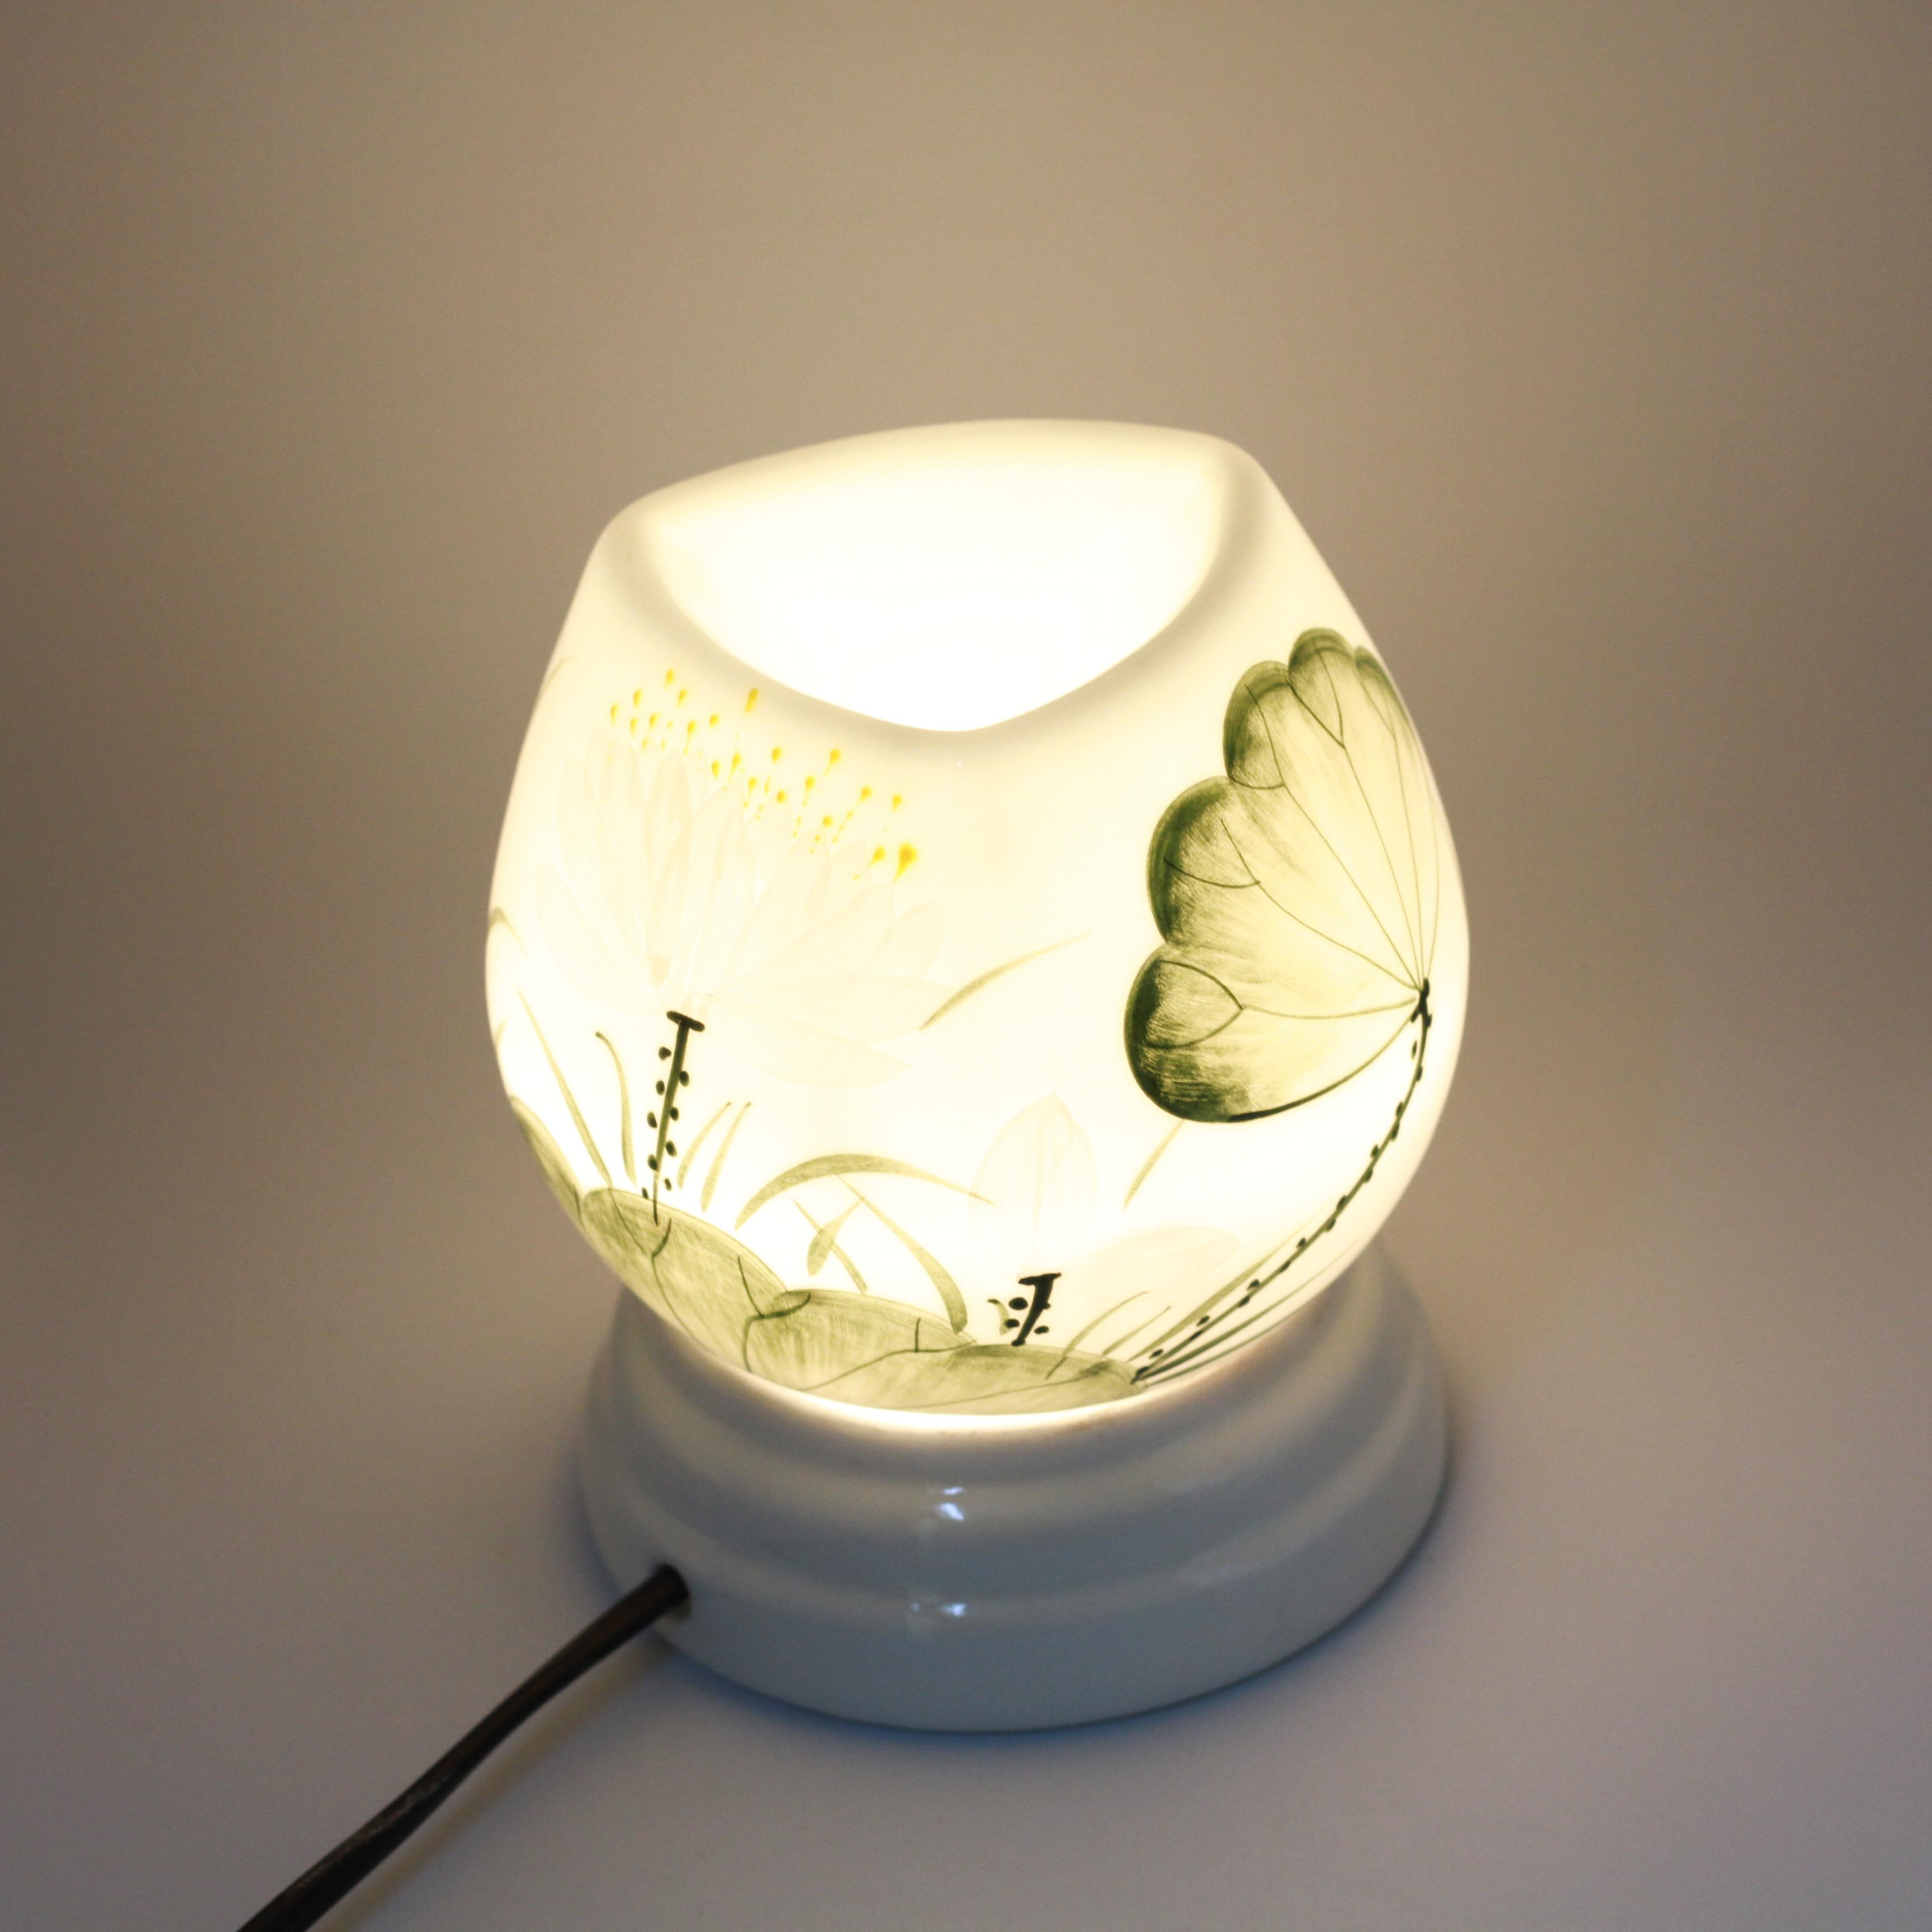 Đèn xông tinh dầu MD026 Kepha + Tặng 1 lọ tinh dầu Cam Ngọt 10ml. Đèn xông tinh dầu gốm sứ bát tràng. Họa tiết lá sen, đài sen màu xanh dịu